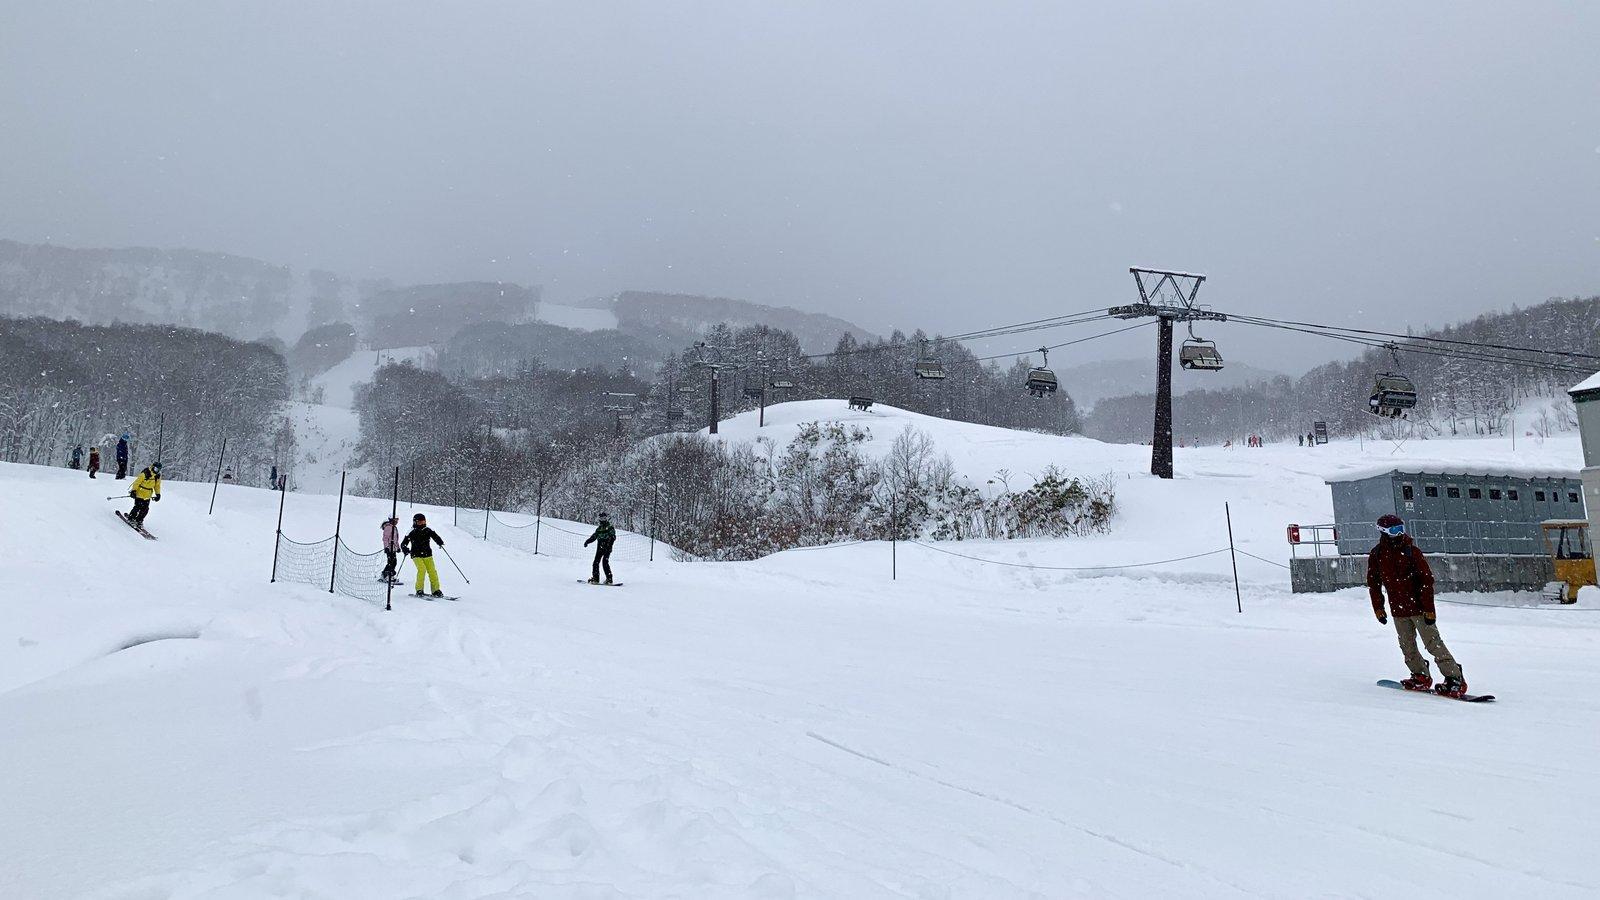 HANA1リフト横にスキーで滑り降りてきた人々